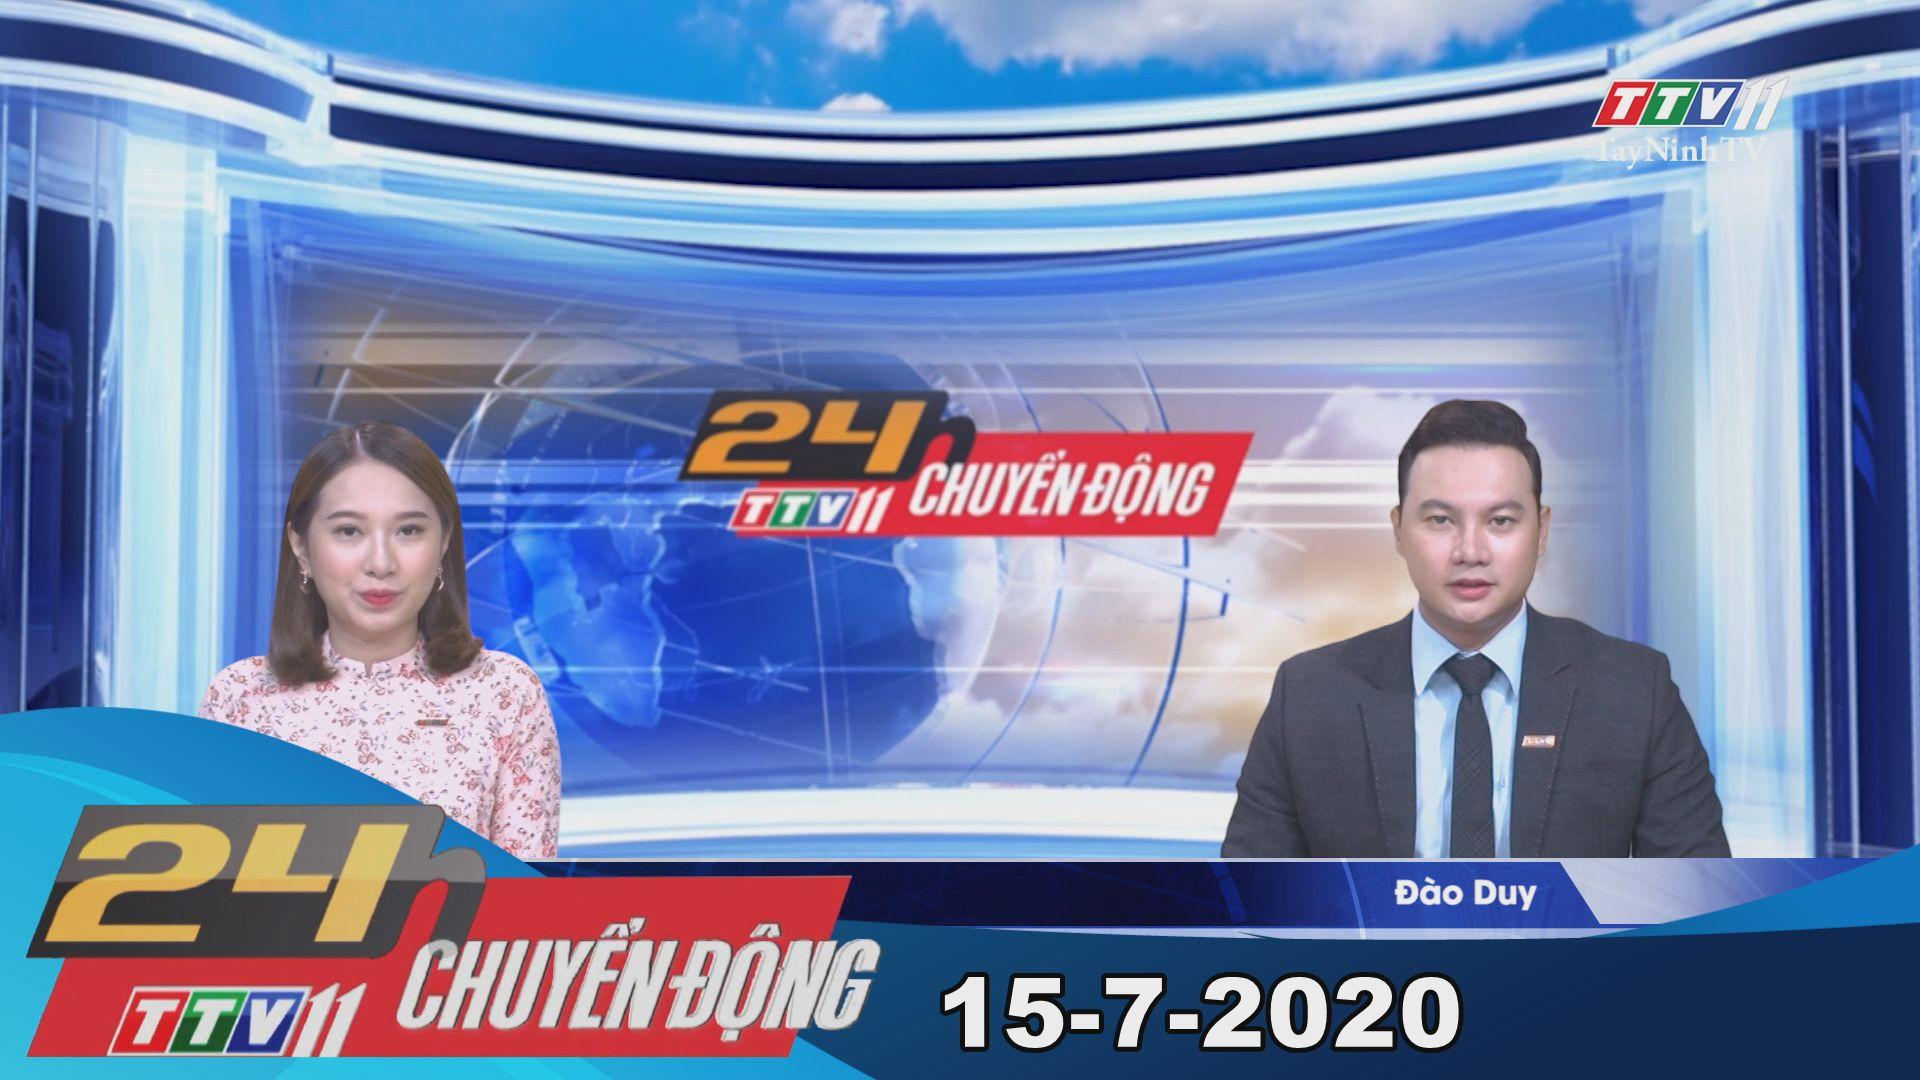 24h Chuyển động 15-7-2020 | Tin tức hôm nay | TayNinhTV